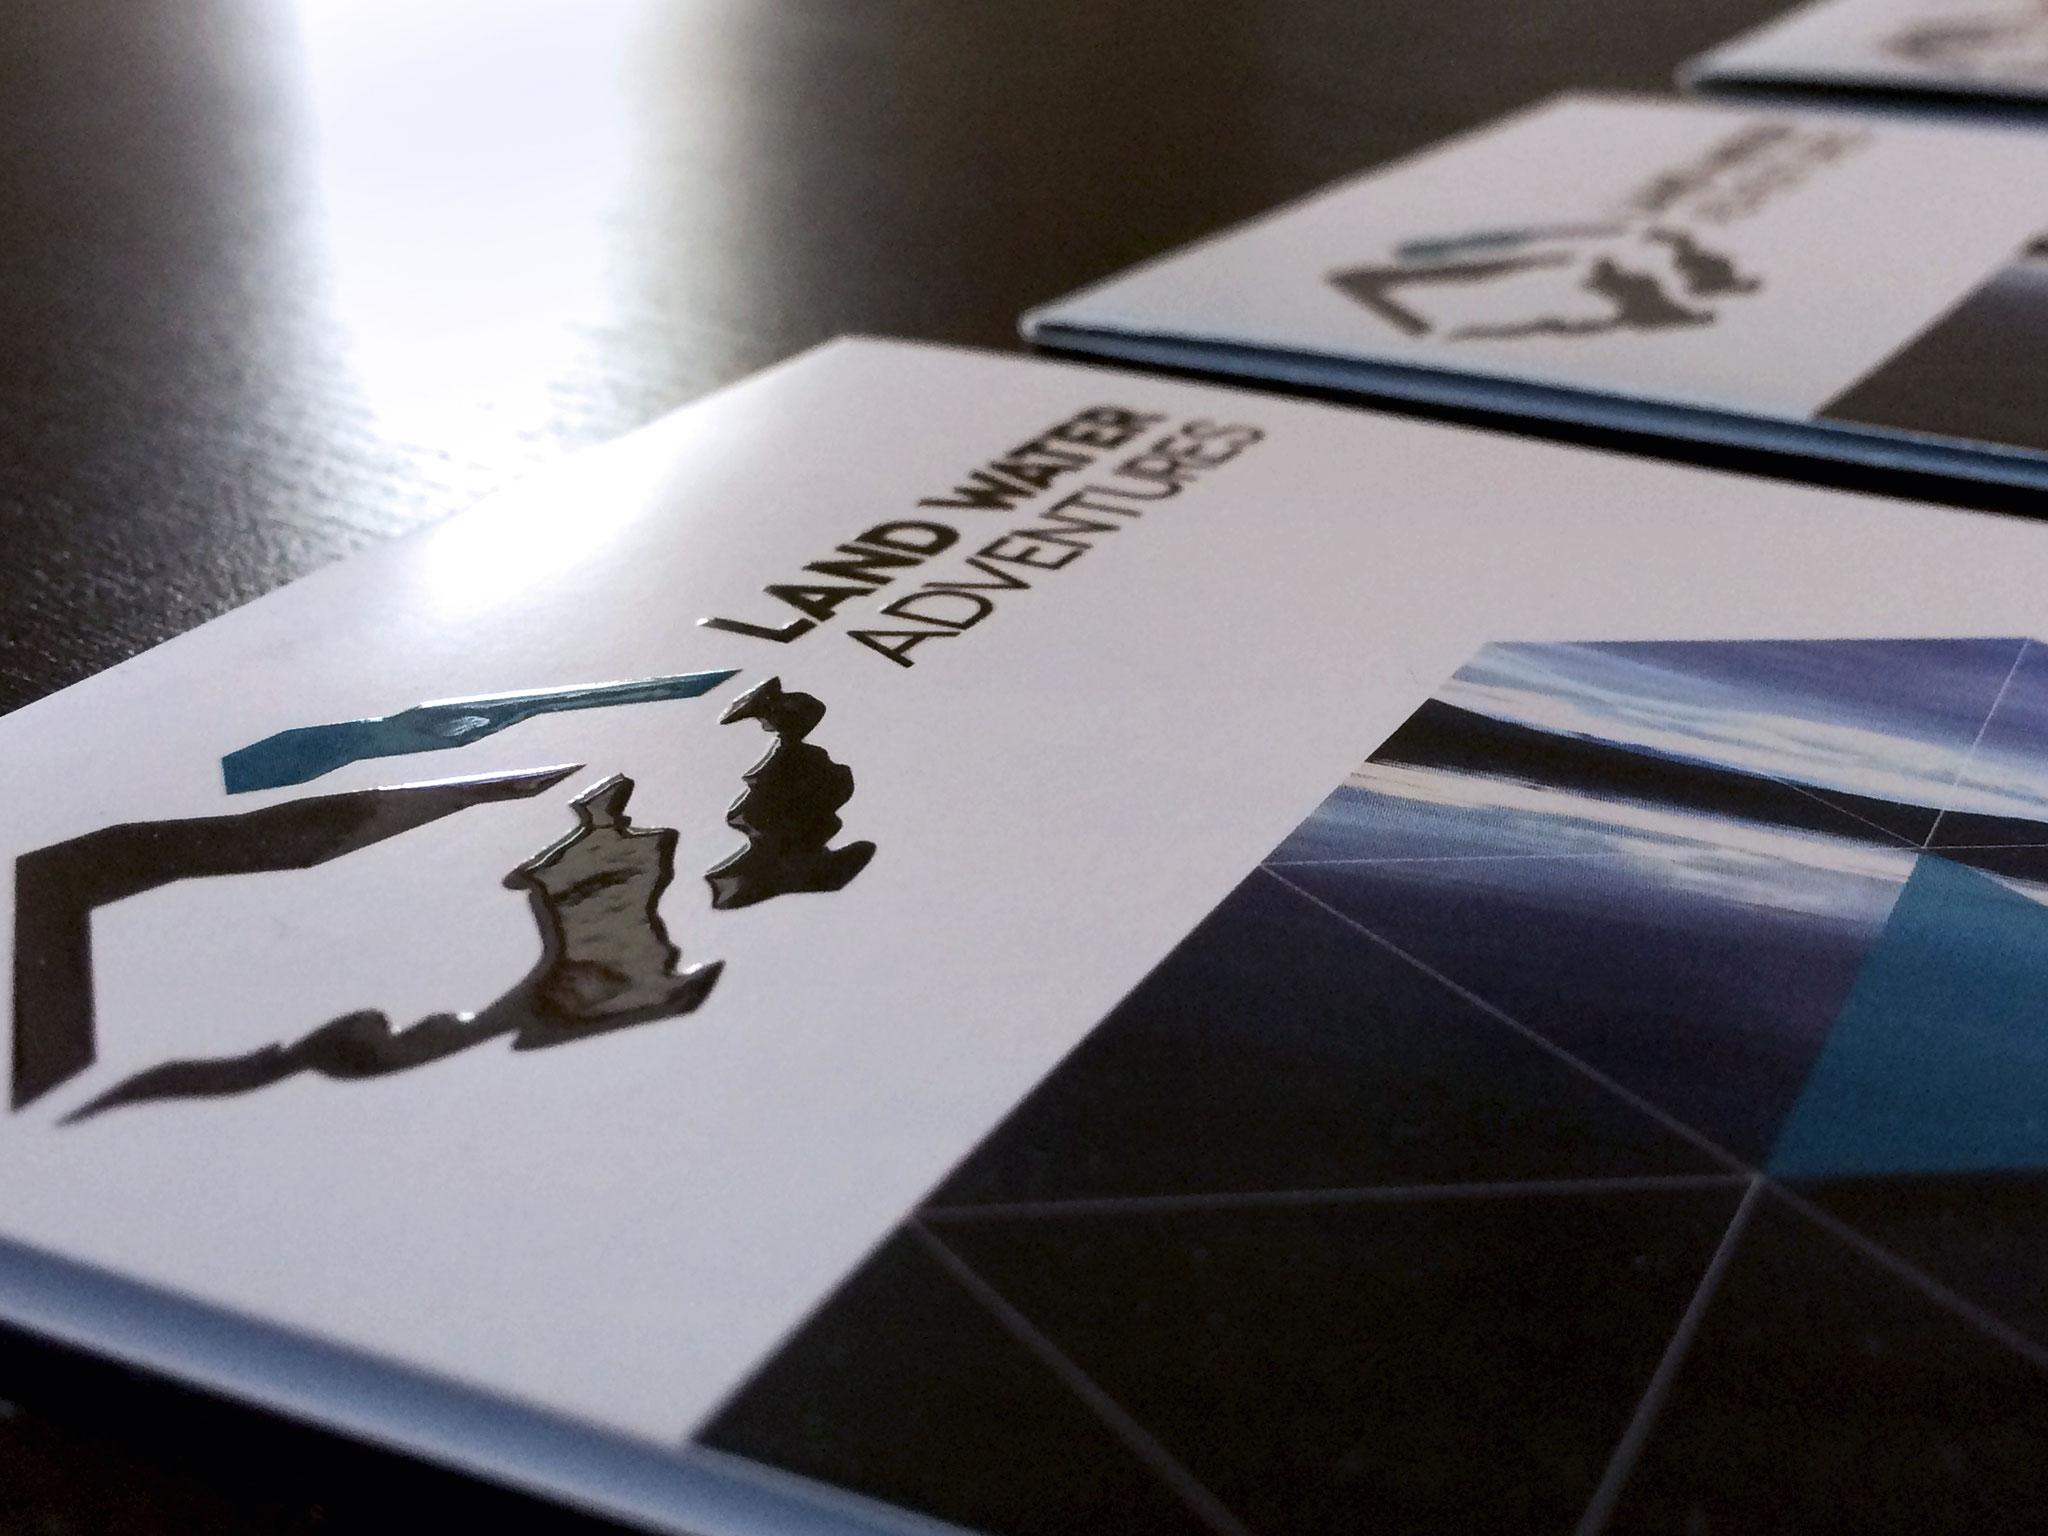 Gestaltung Faltkarte DINlang im neuen Corporate Design mit Reliefdruck-Veredelung